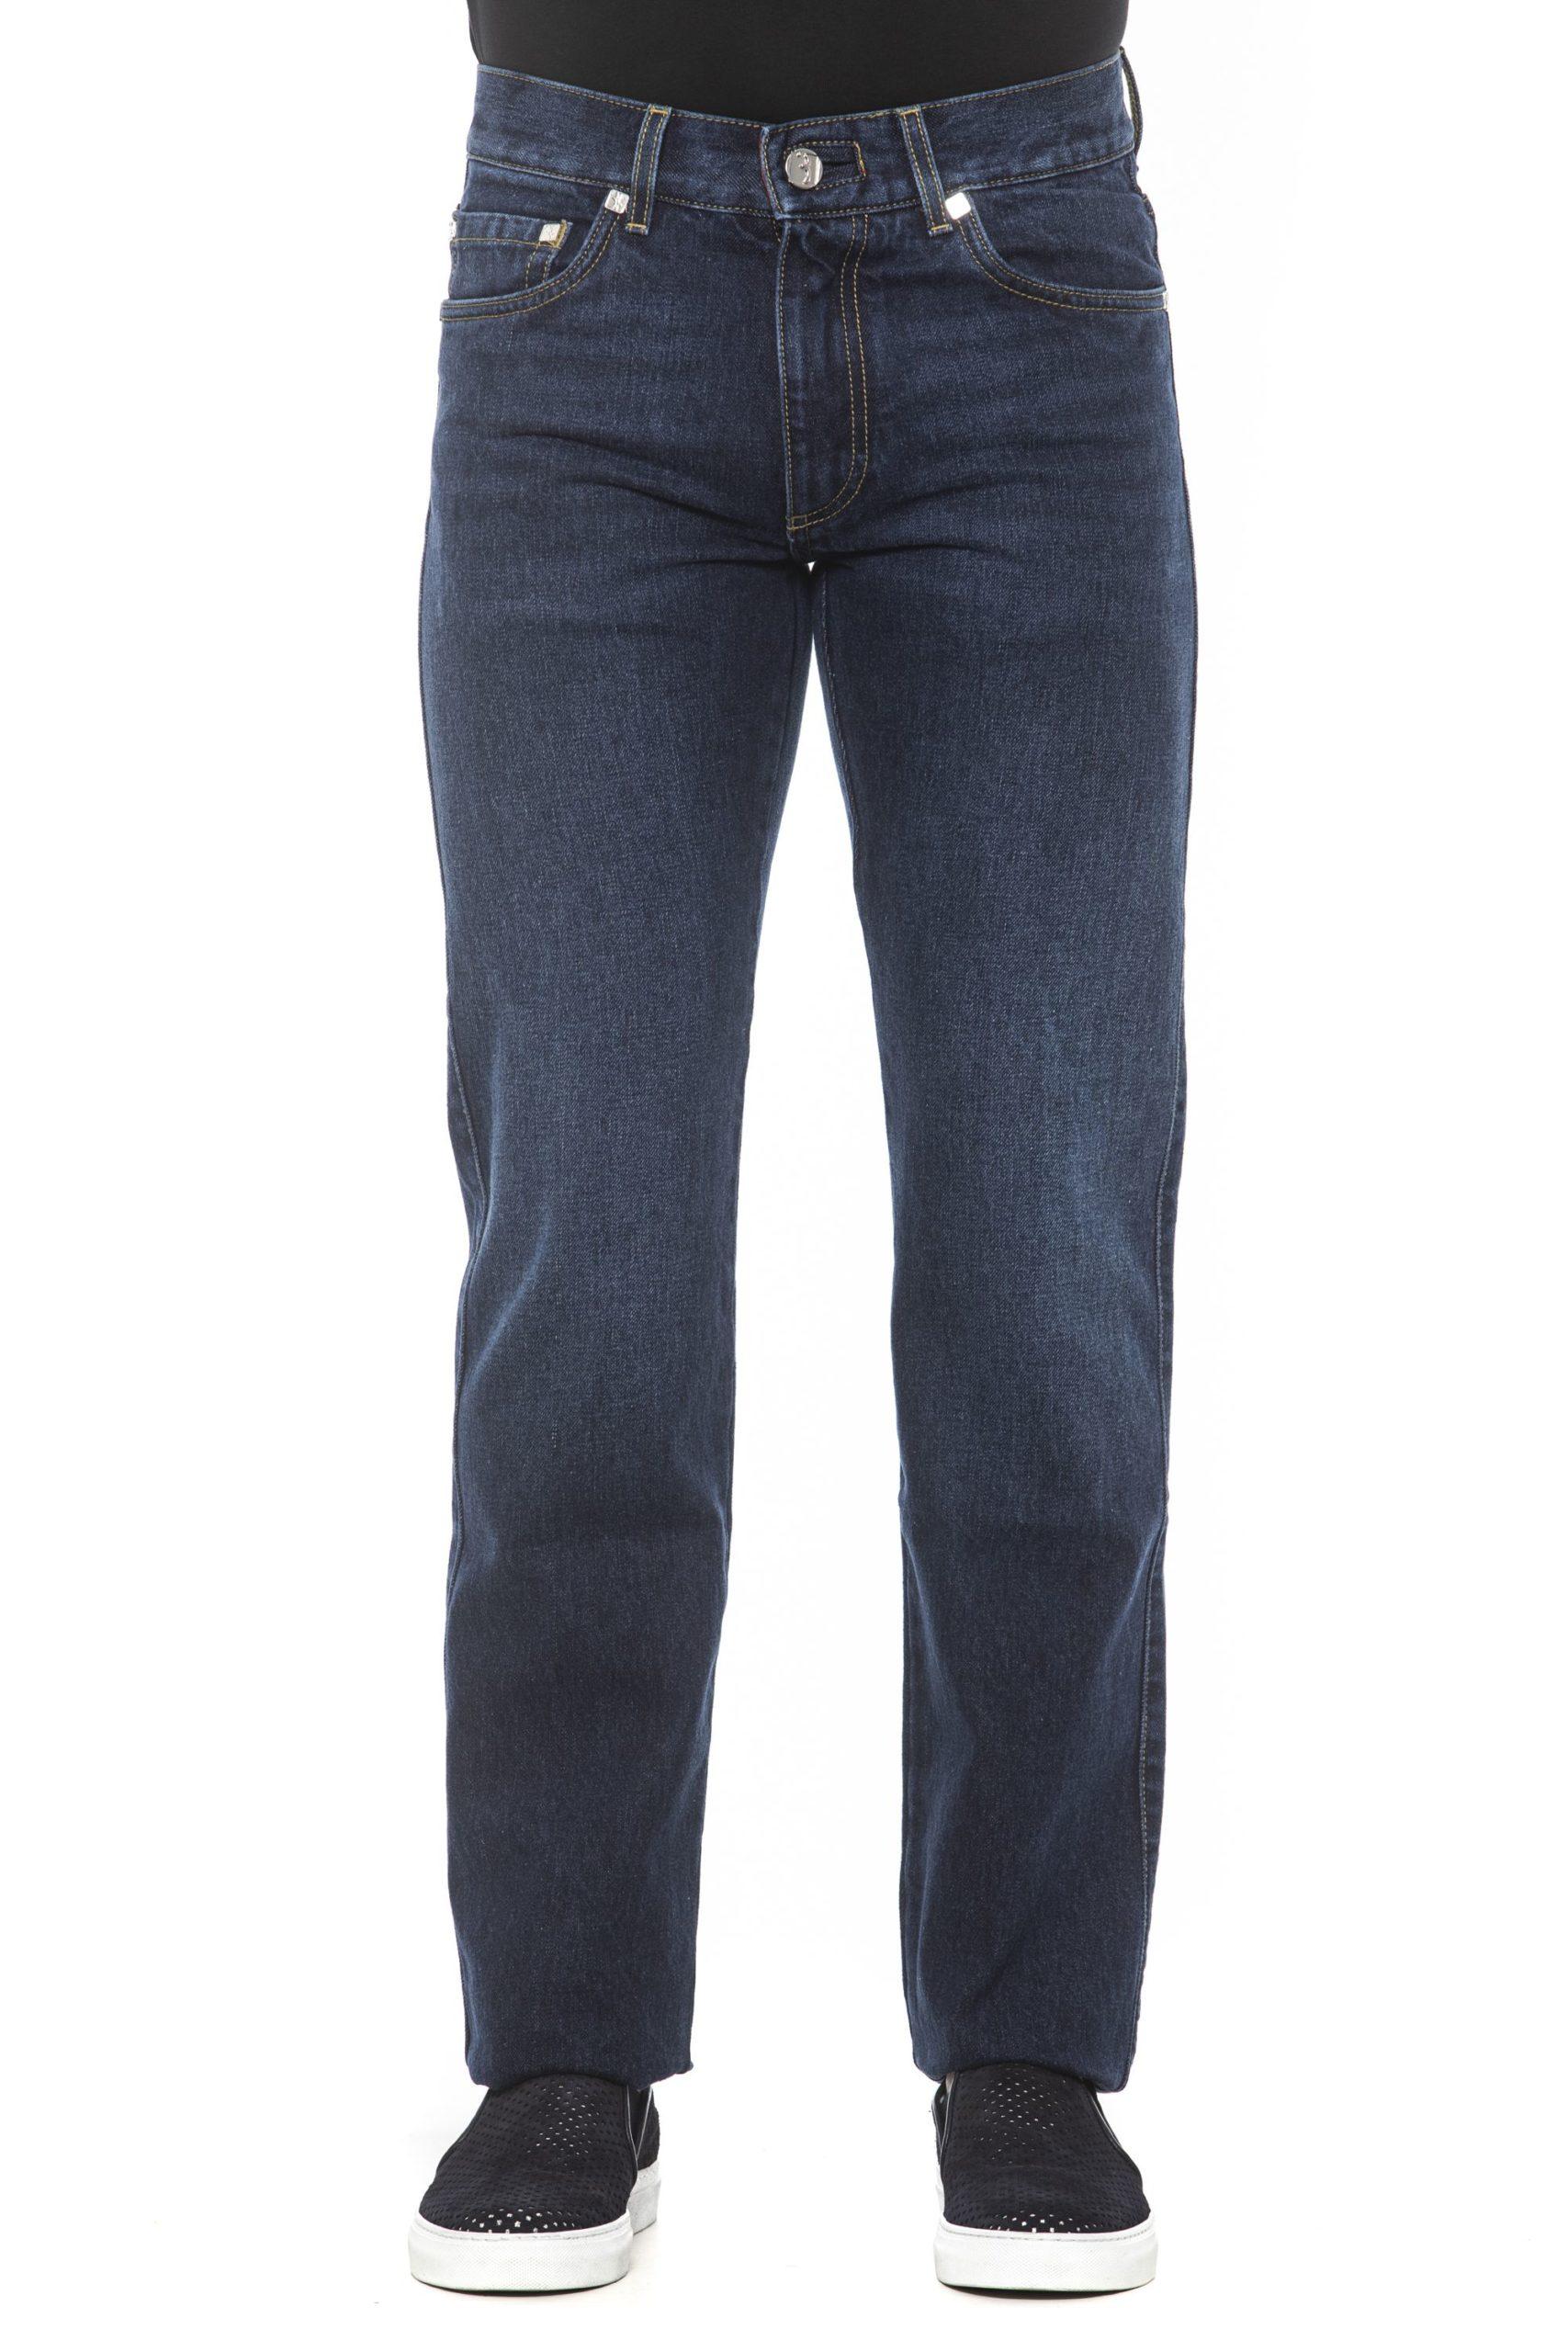 Billionaire Italian Couture Men's Jeans Blue BI1405223 - IT46 | S